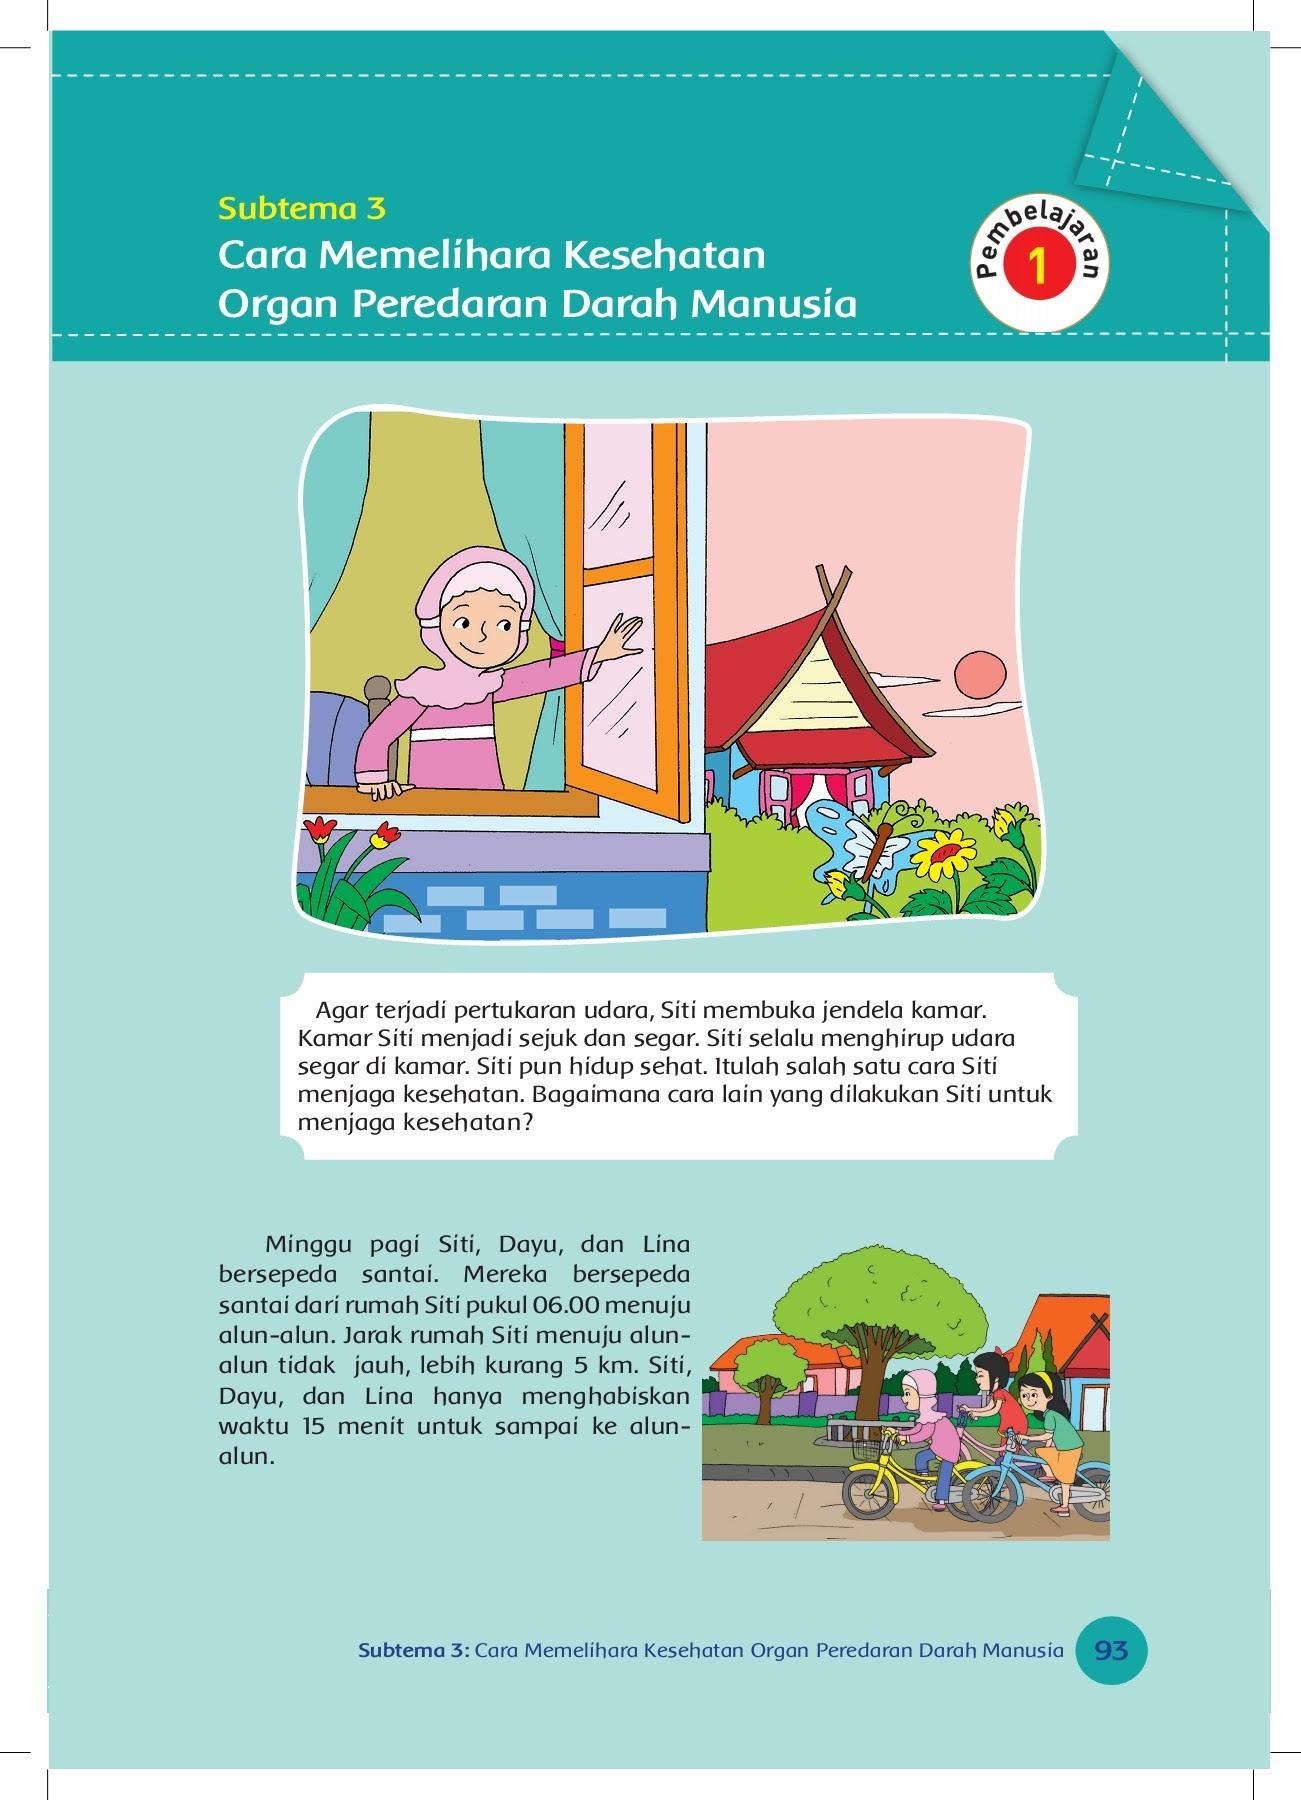 Paling Baru Gambar Sketsa Menjaga Kebersihan Lingkungan